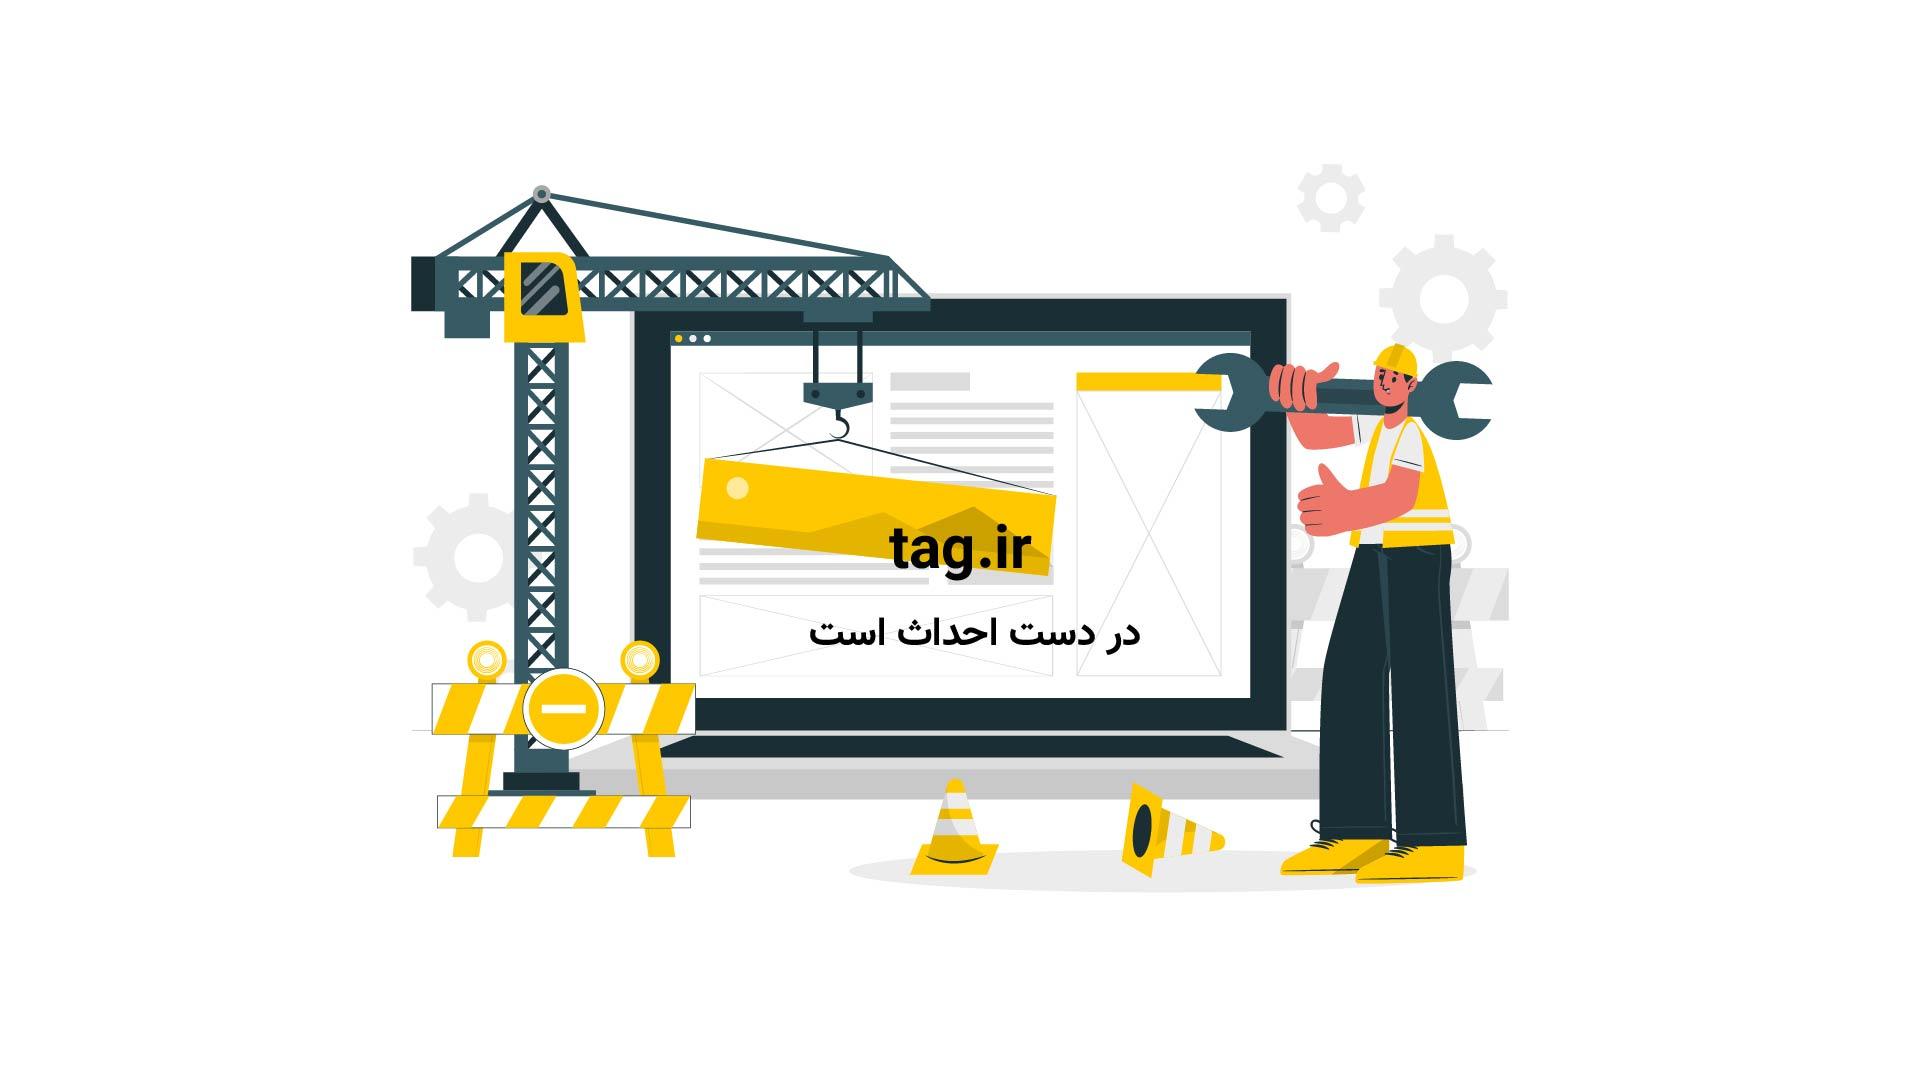 حمله-خودرو-لندن-به-مسلمانان | تگ